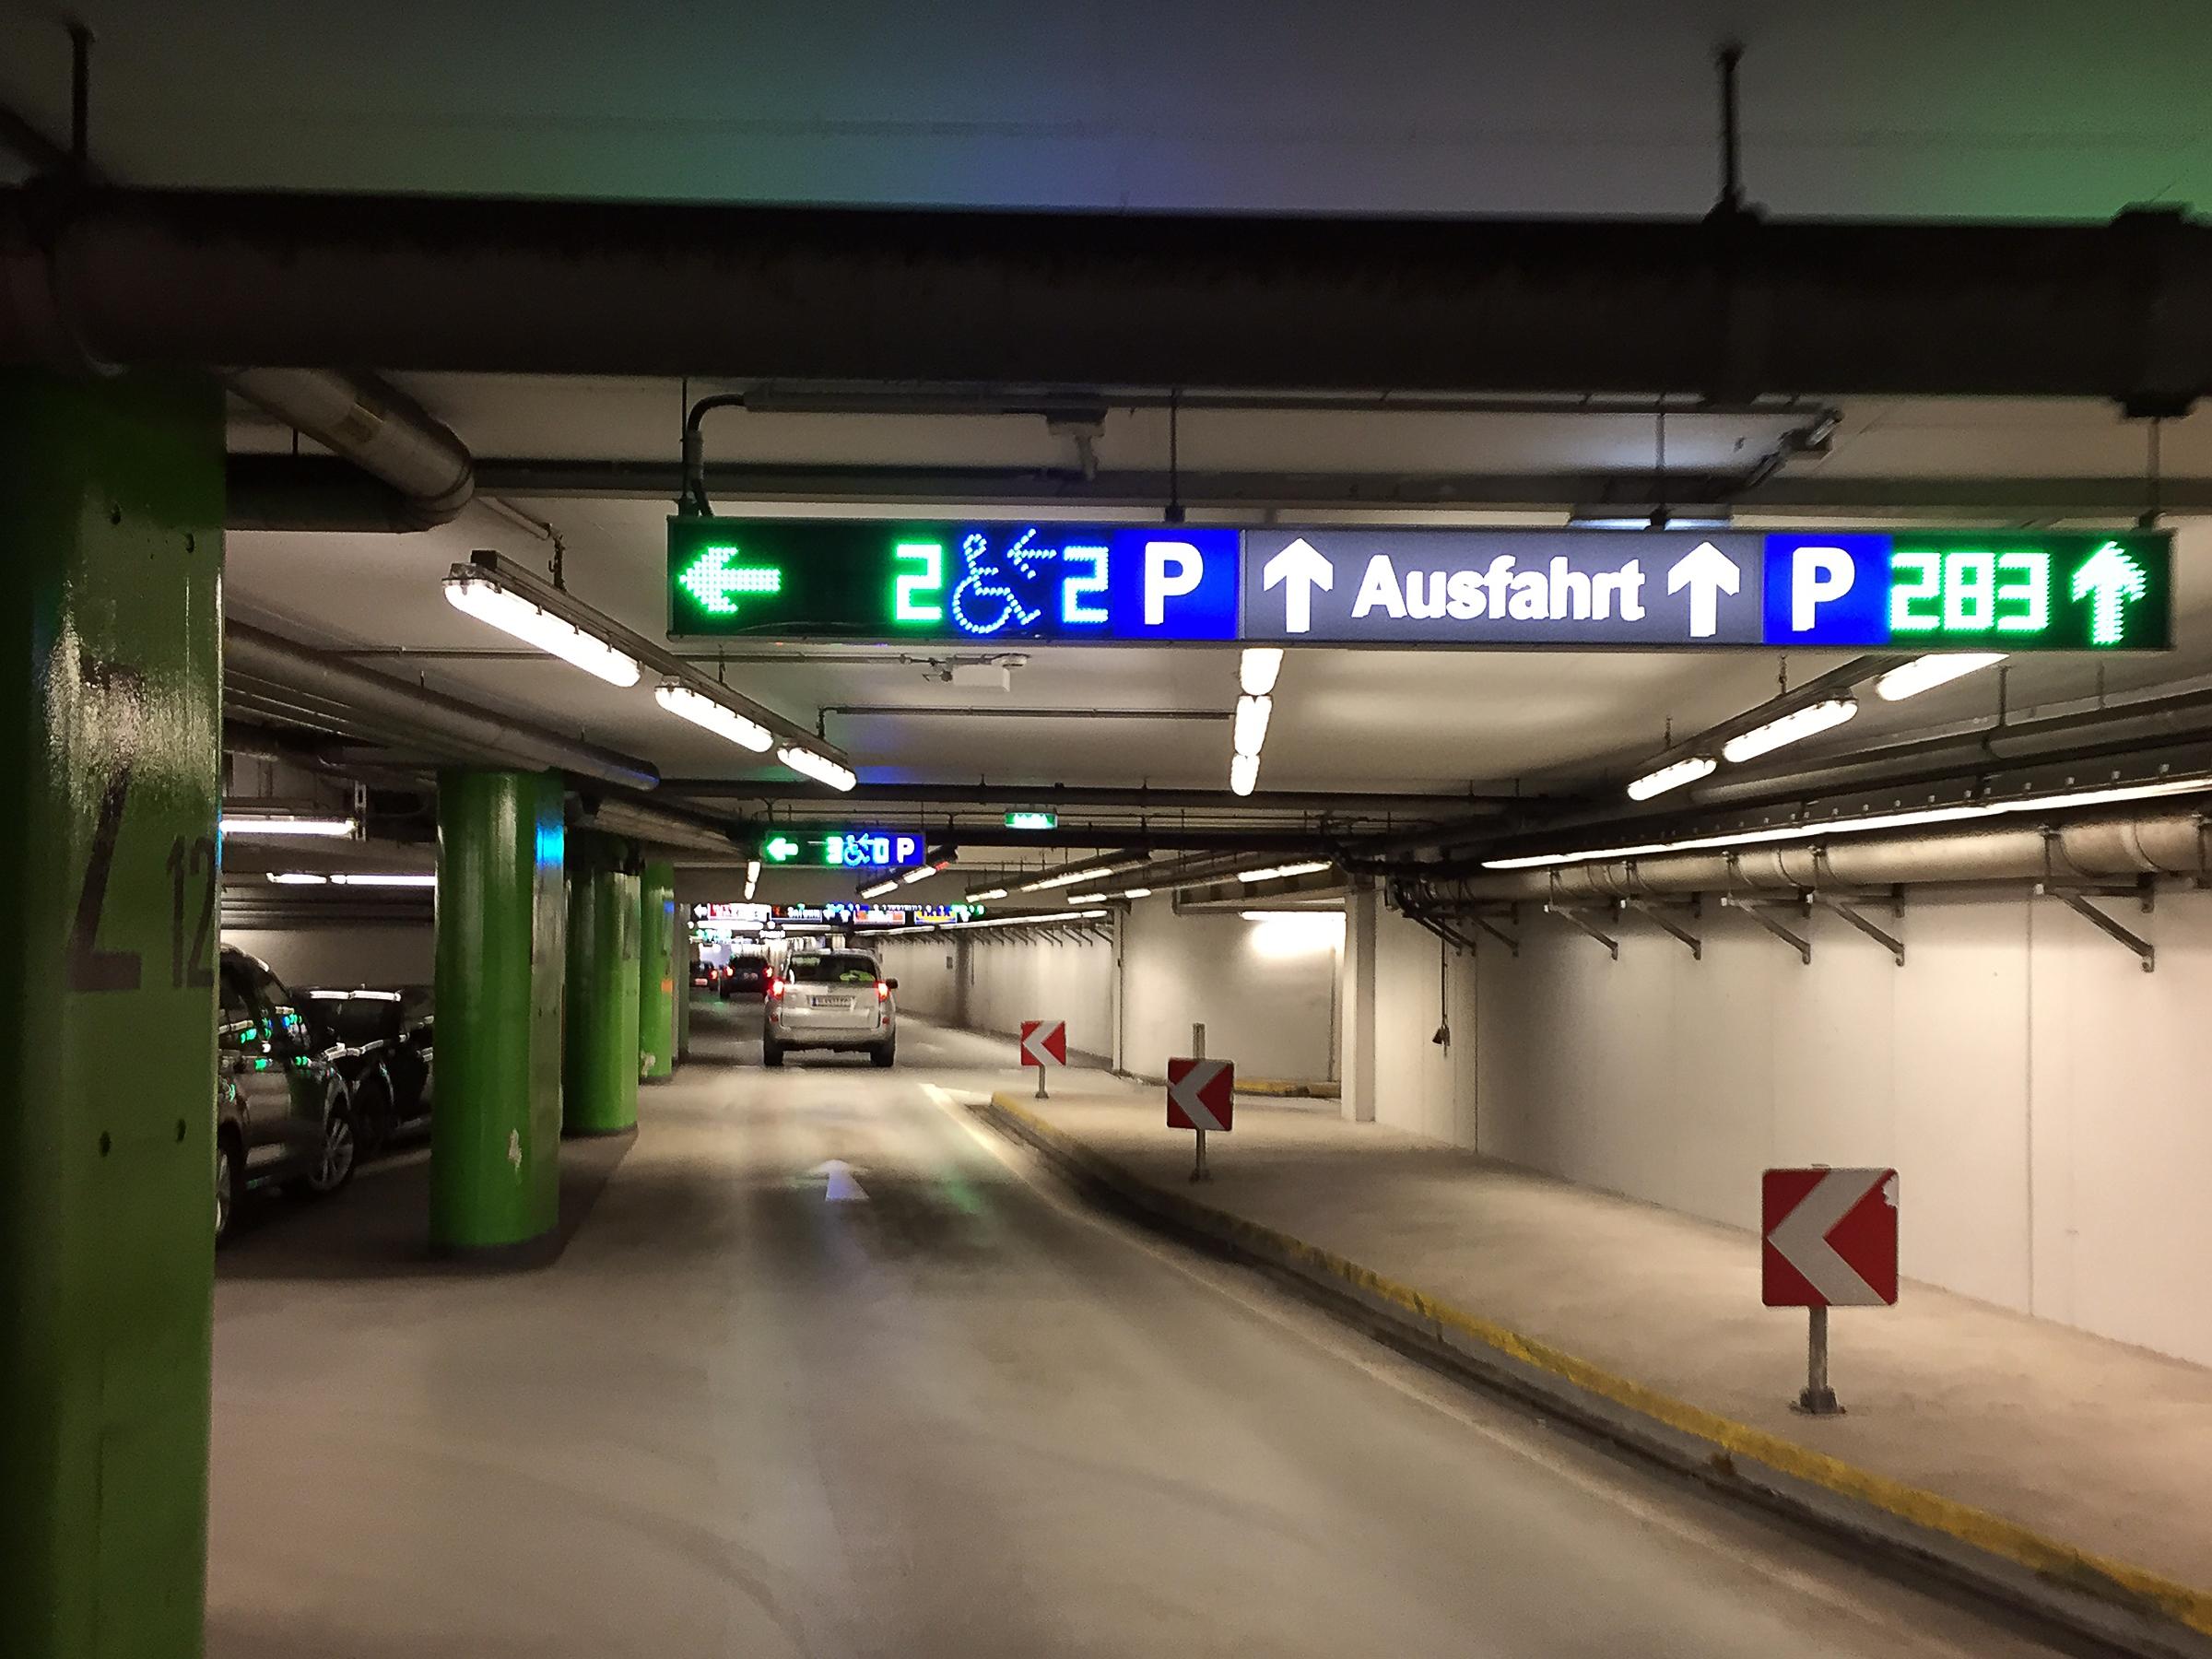 Ausfahrt means exit.